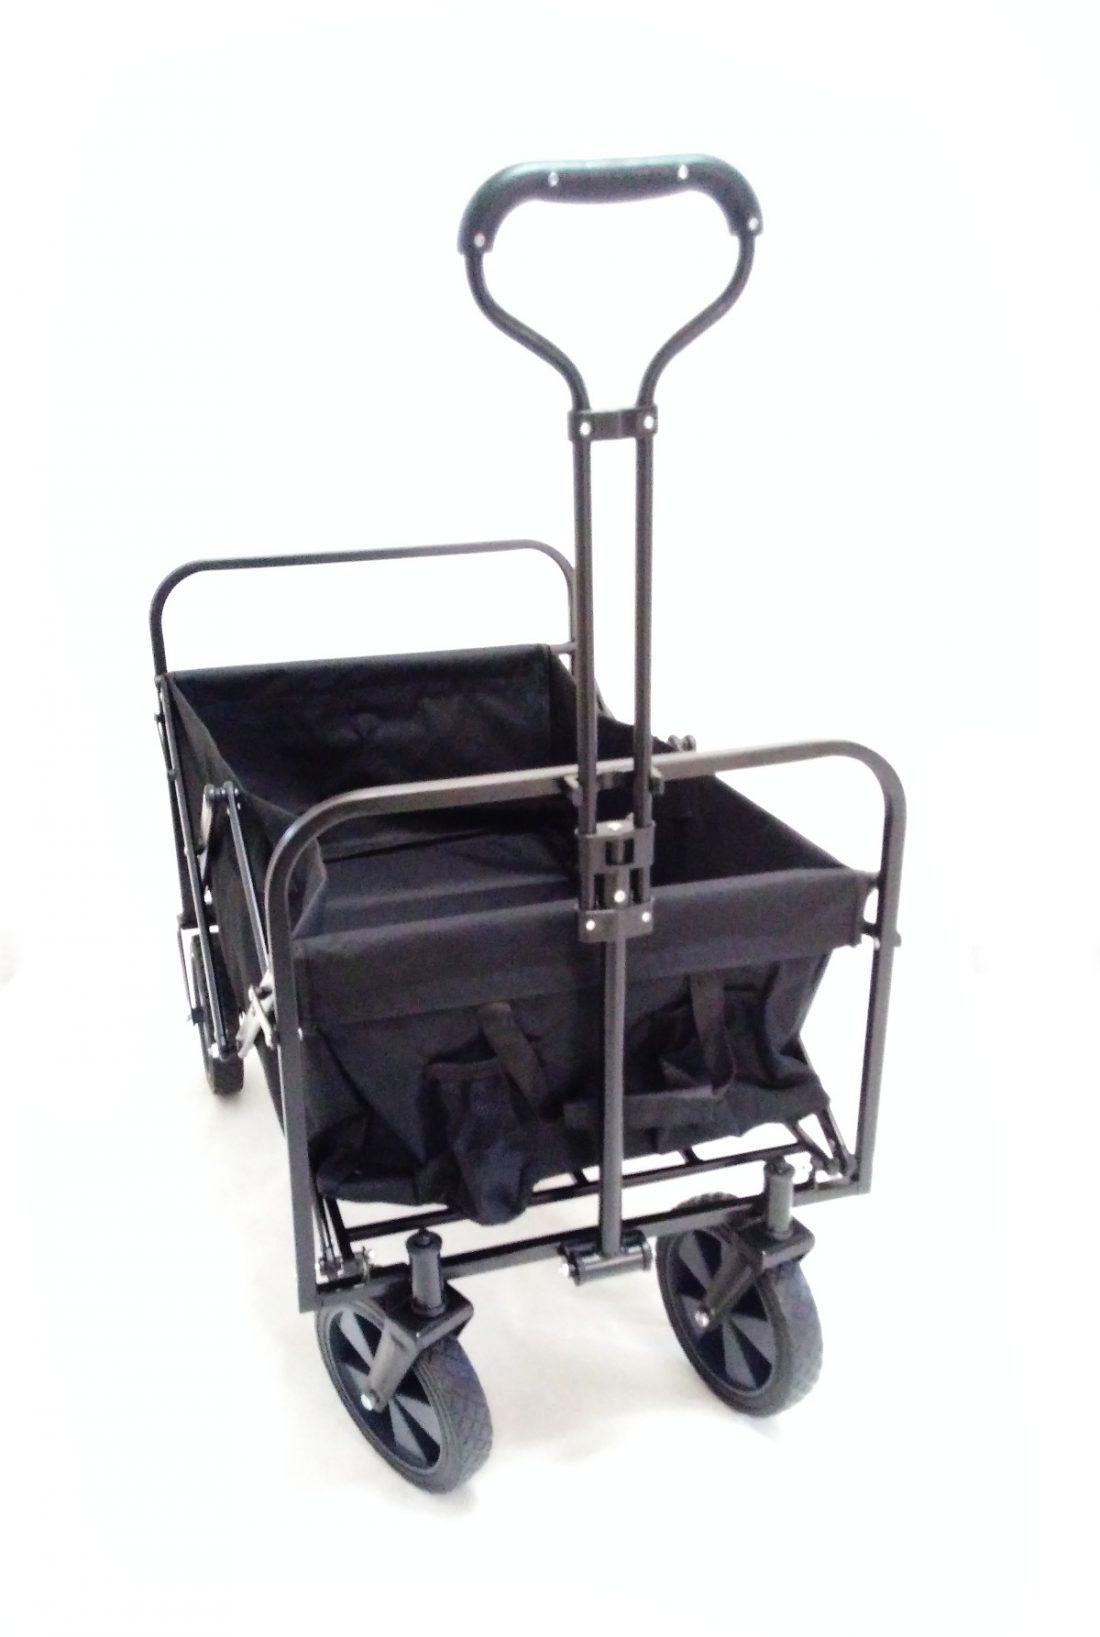 Wagon Blk